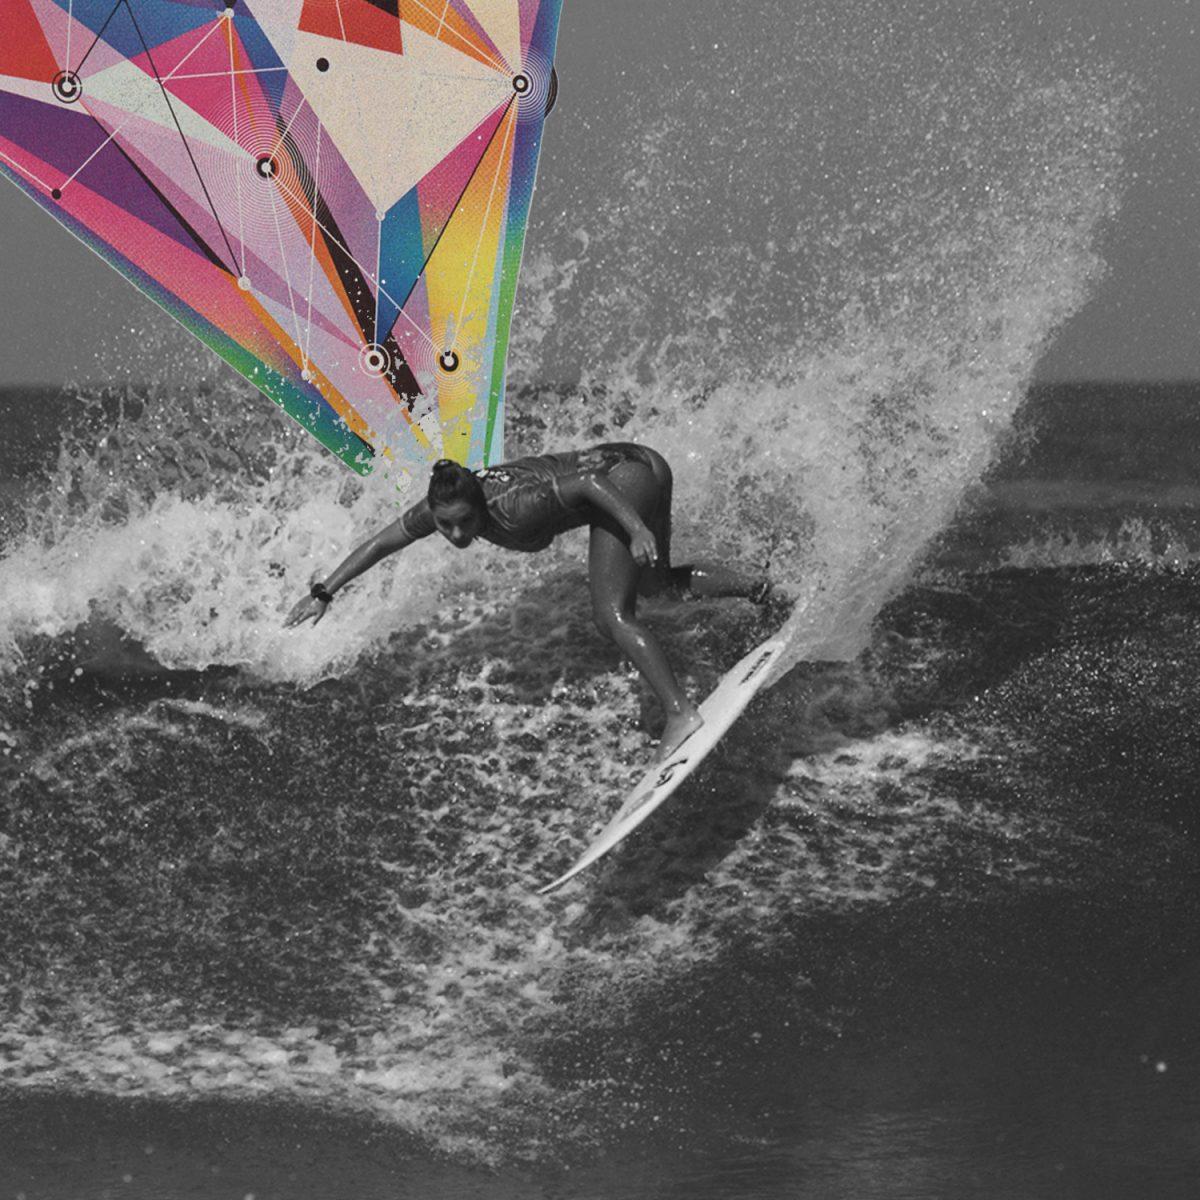 Colagem com foto em preto e branco da surfista Tainá Hinchel surfando durante trials do CT em Saquarema